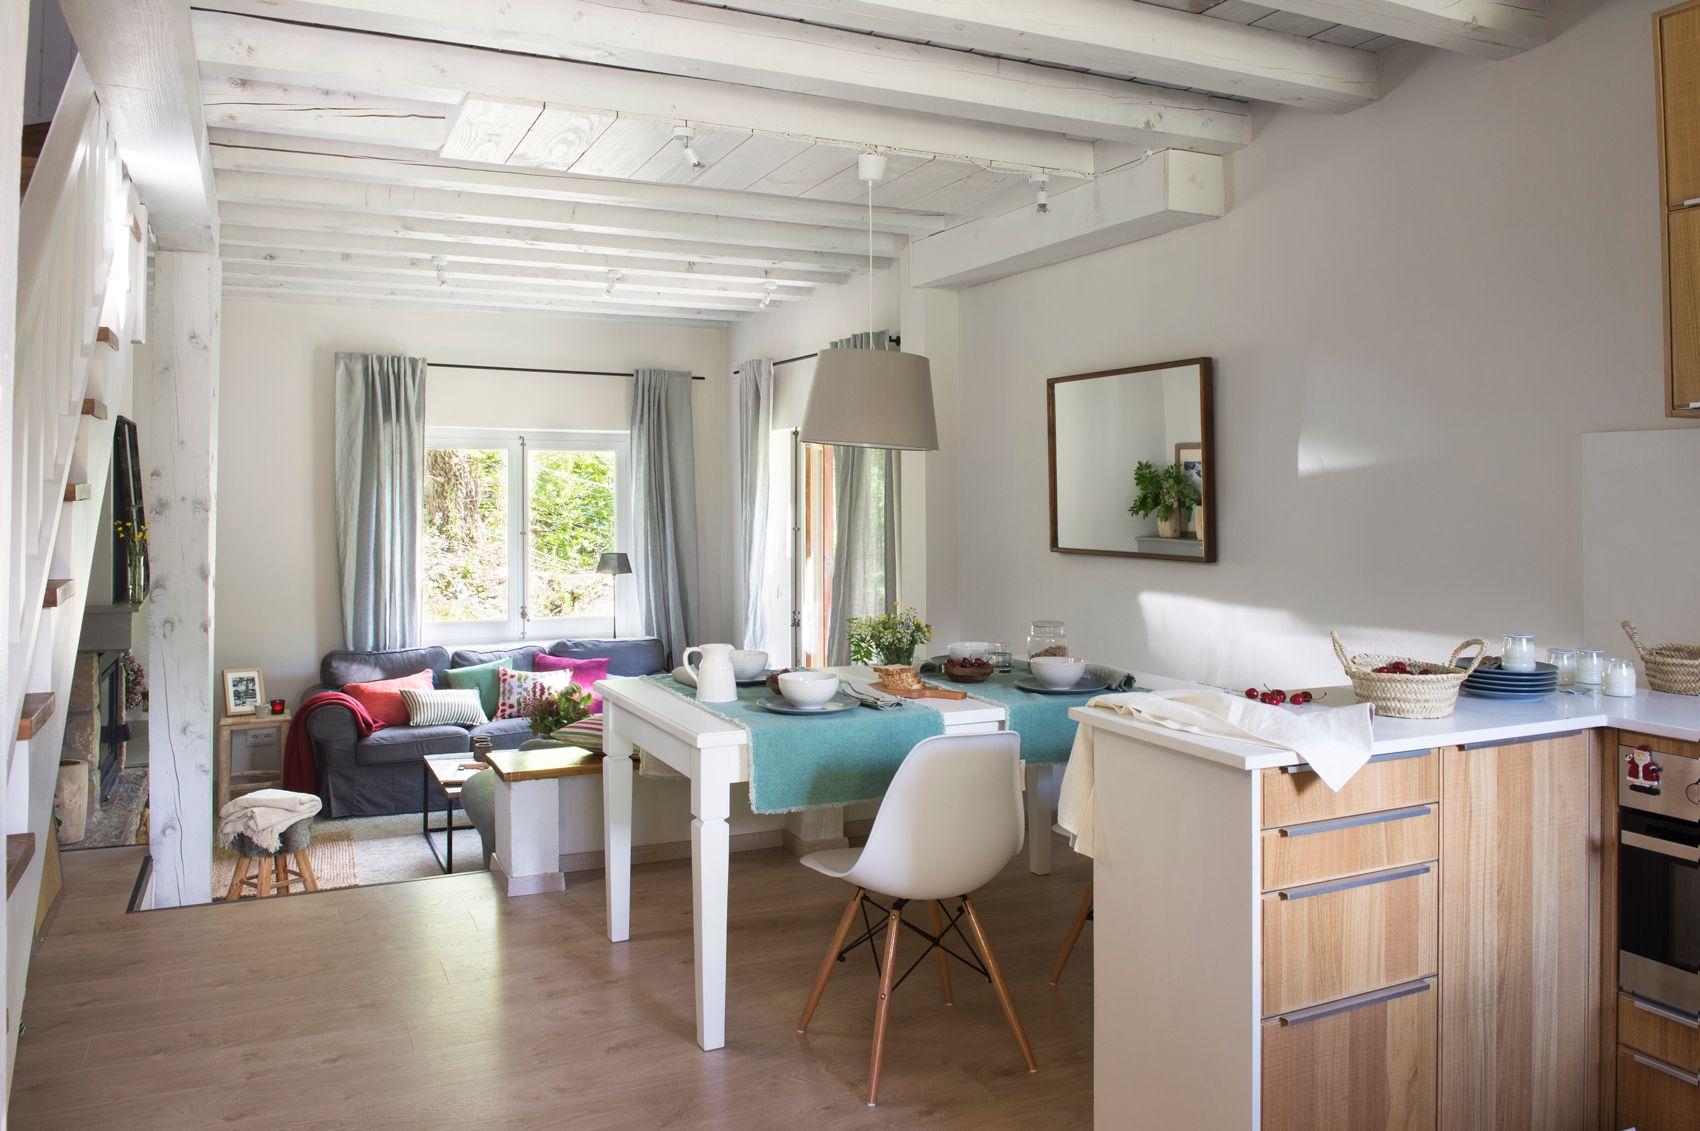 Cocina con barra y taburetes con paredes revestidas en madera 00445023